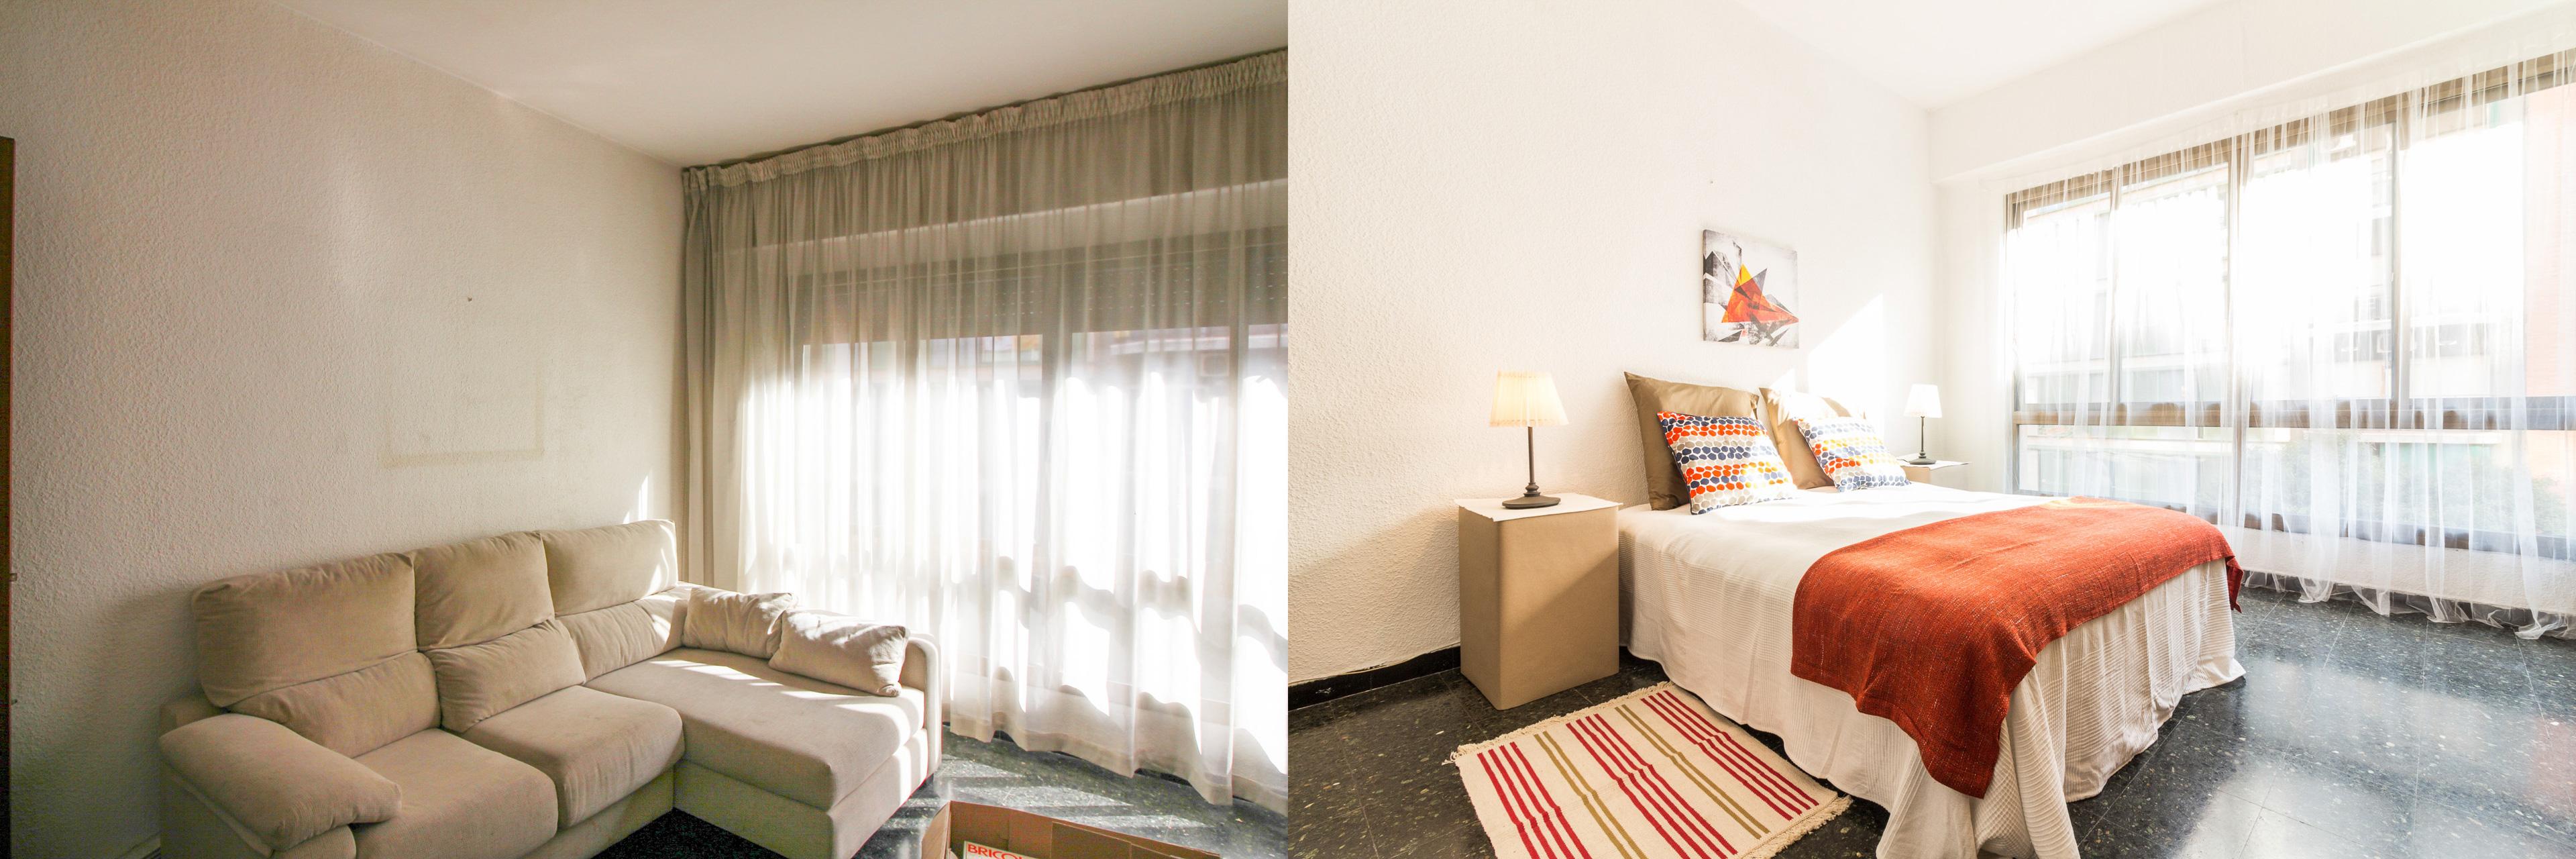 Home staging barcelona dormitori